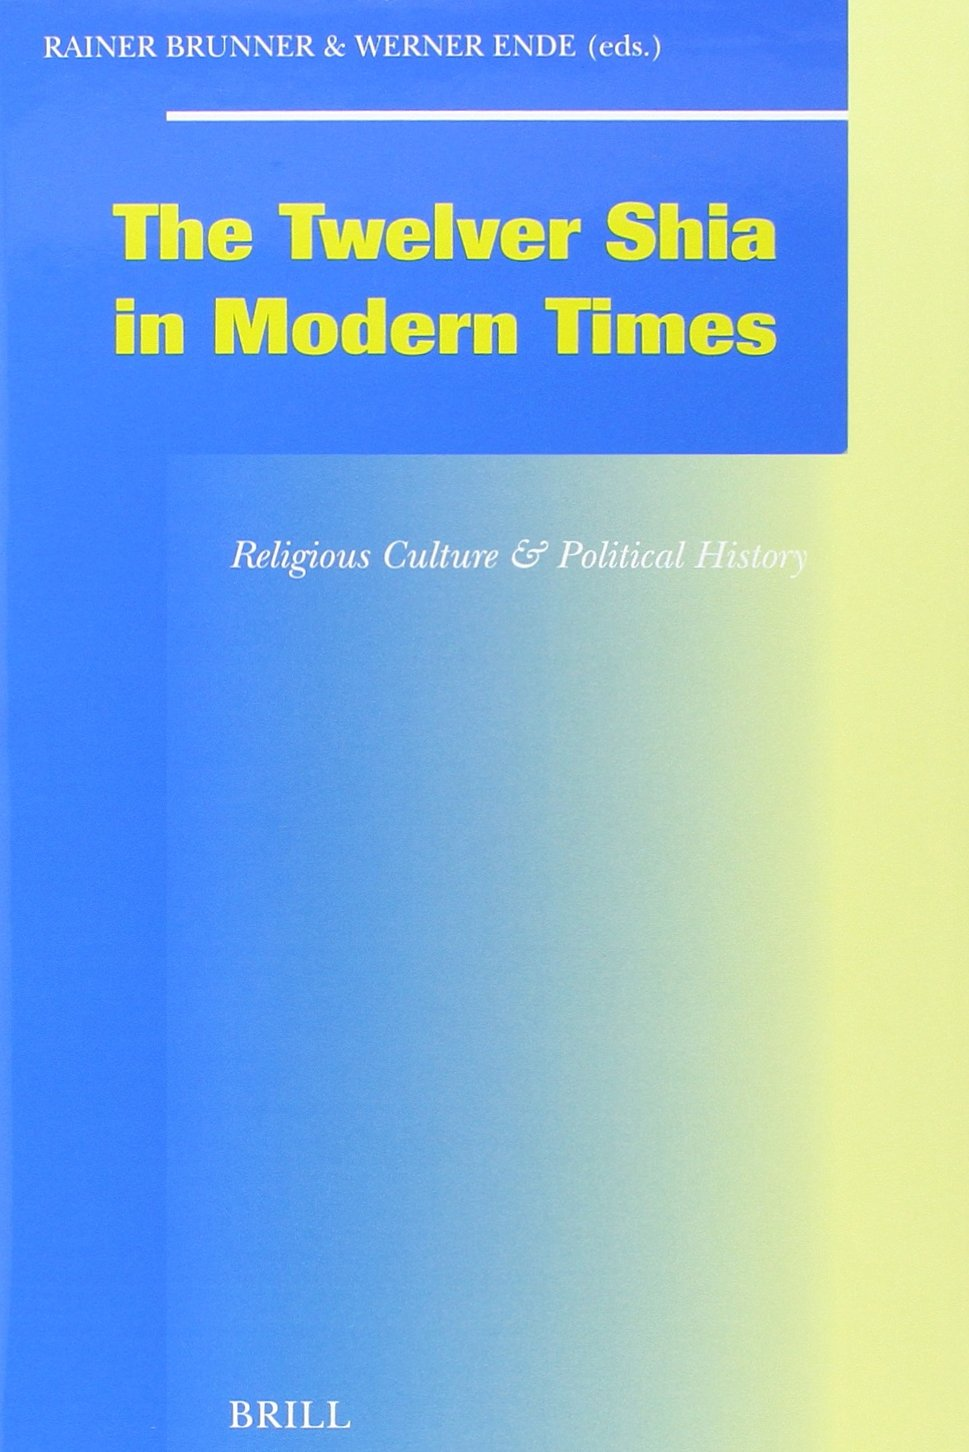 تشیع دوازده امامی در جهان امروزی؛ فرهنگ دینی و تاریخ سیاسی